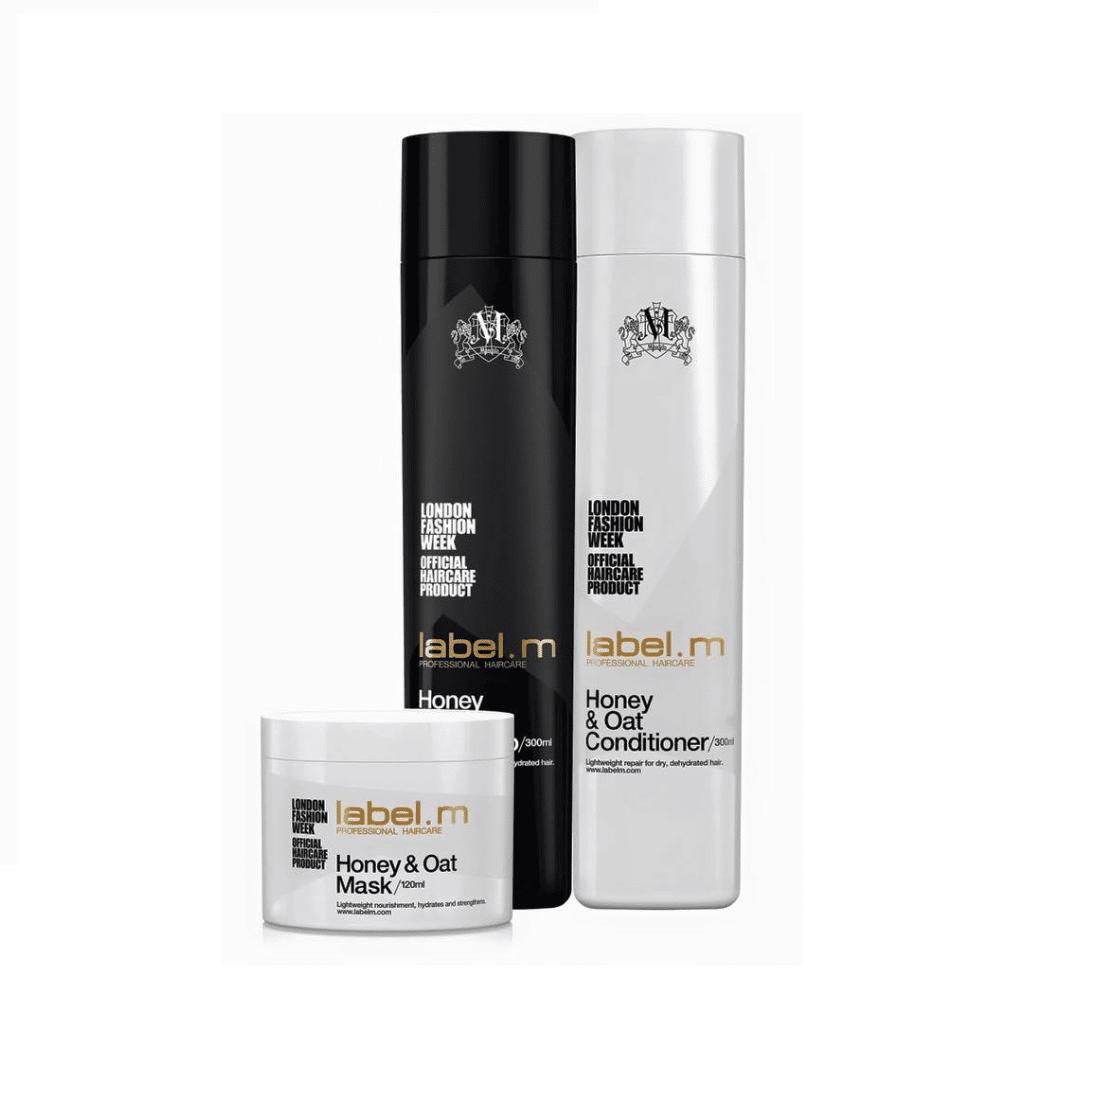 Honey & Oat - серия за суха коса, интензивно подхранване